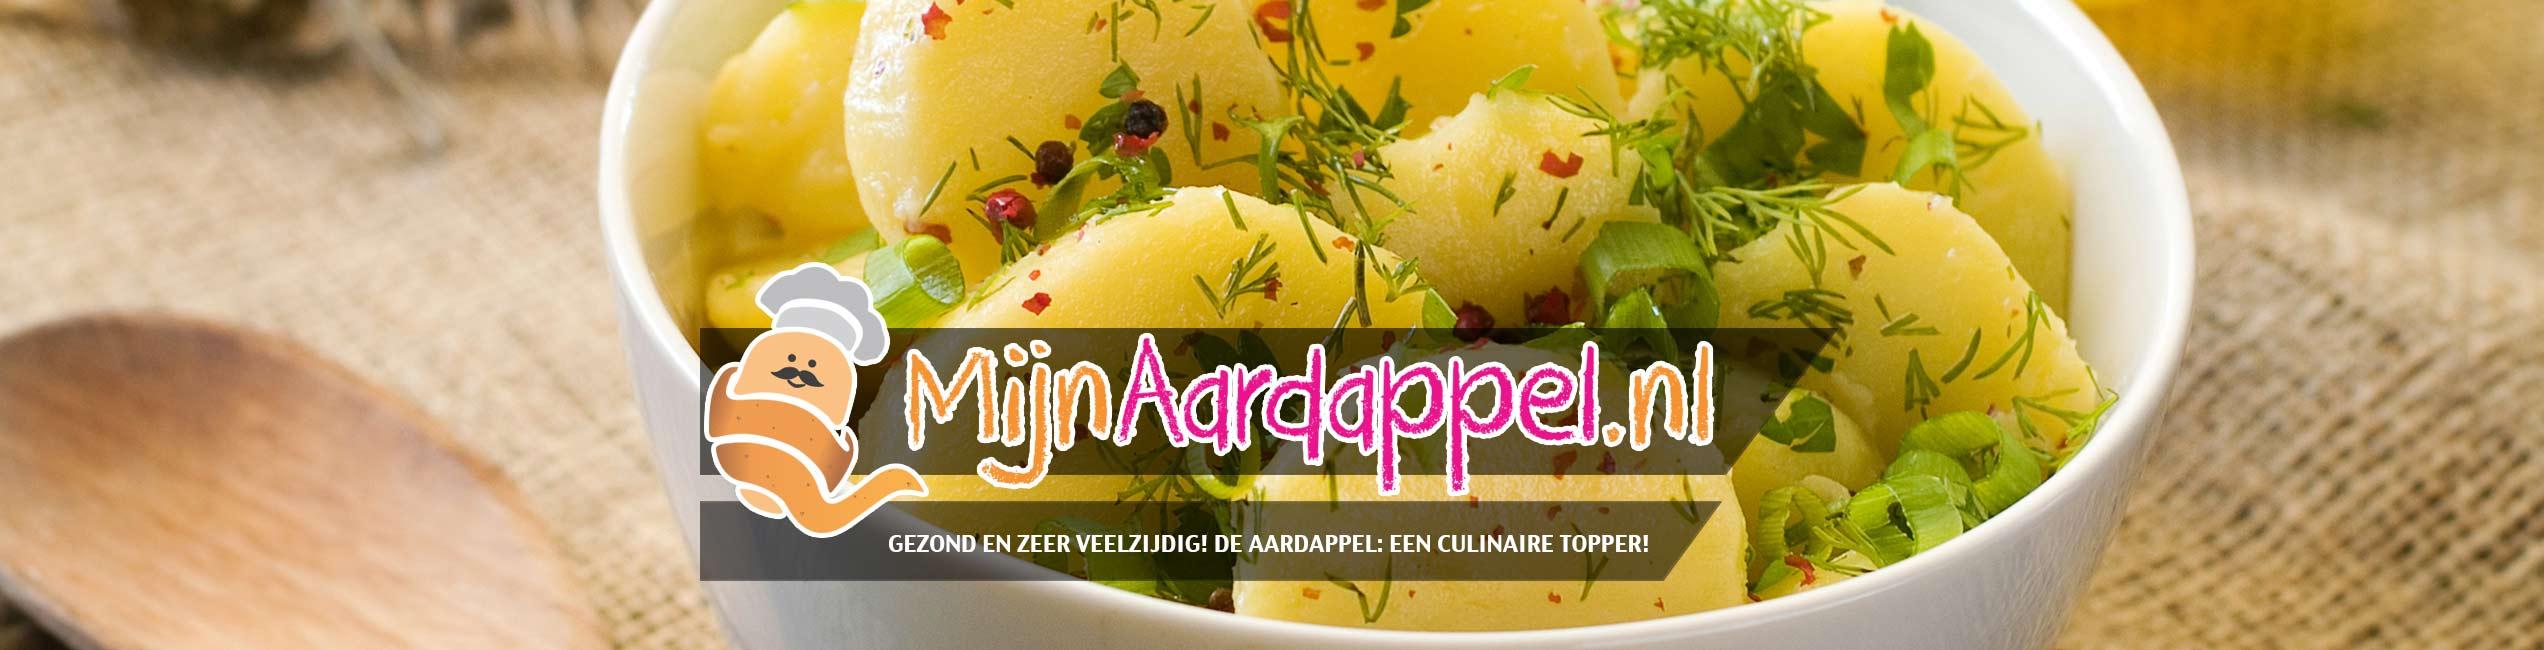 MijnAardappel.nl - Gezond en veelzijdig! De Aardappel: een culinaire topper!